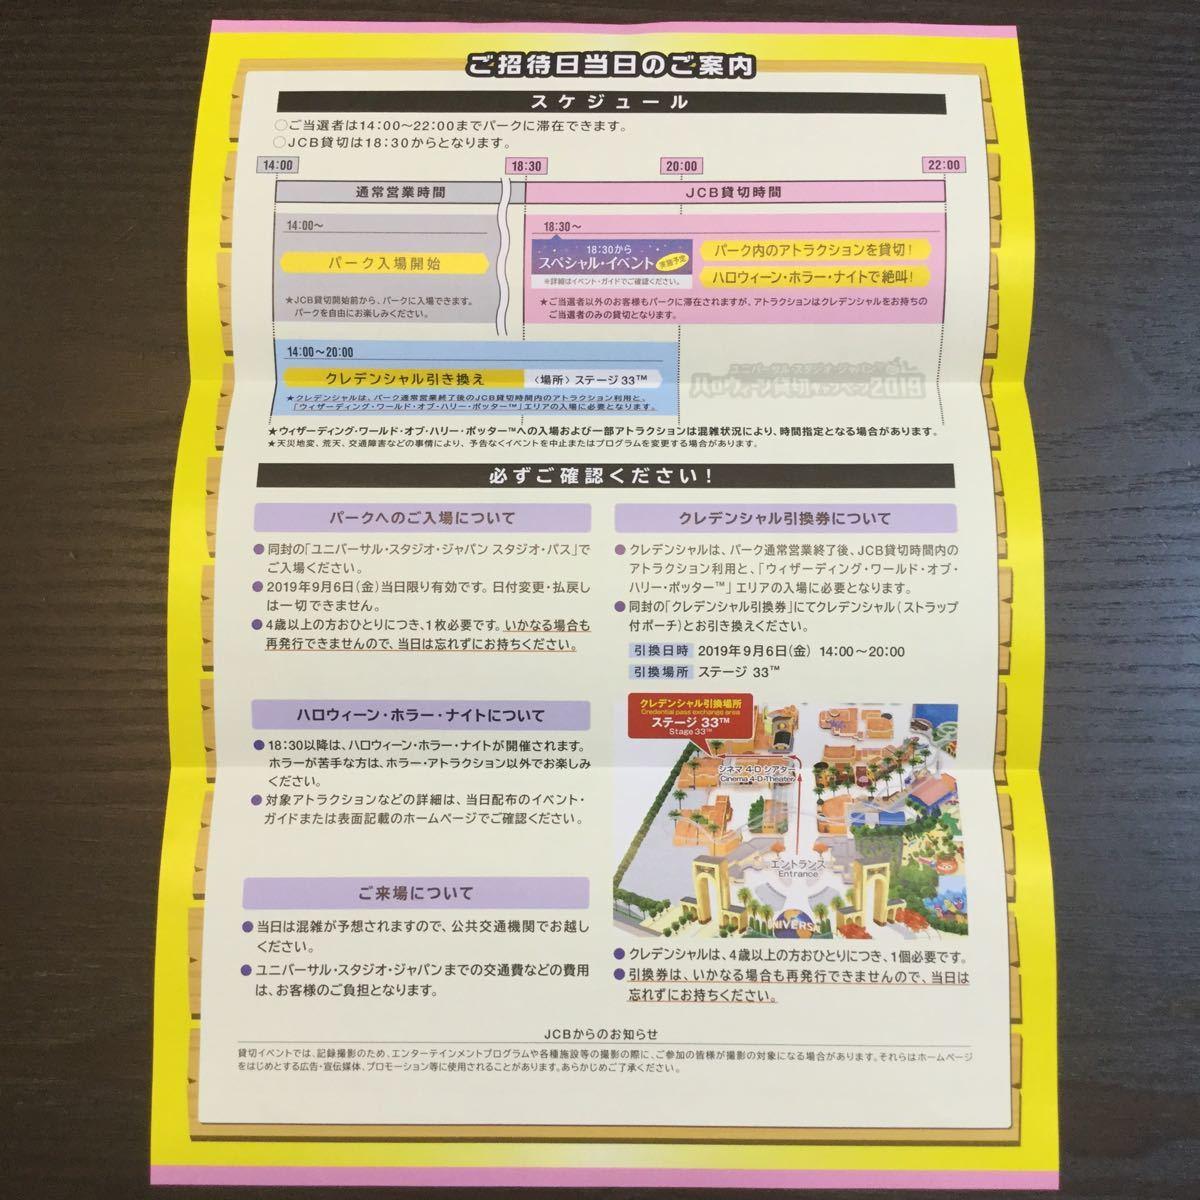 USJ ユニバーサルスタジオジャパン JCBハロウィーン 貸切チケット2枚+クレデンシャル2個引換券_画像3